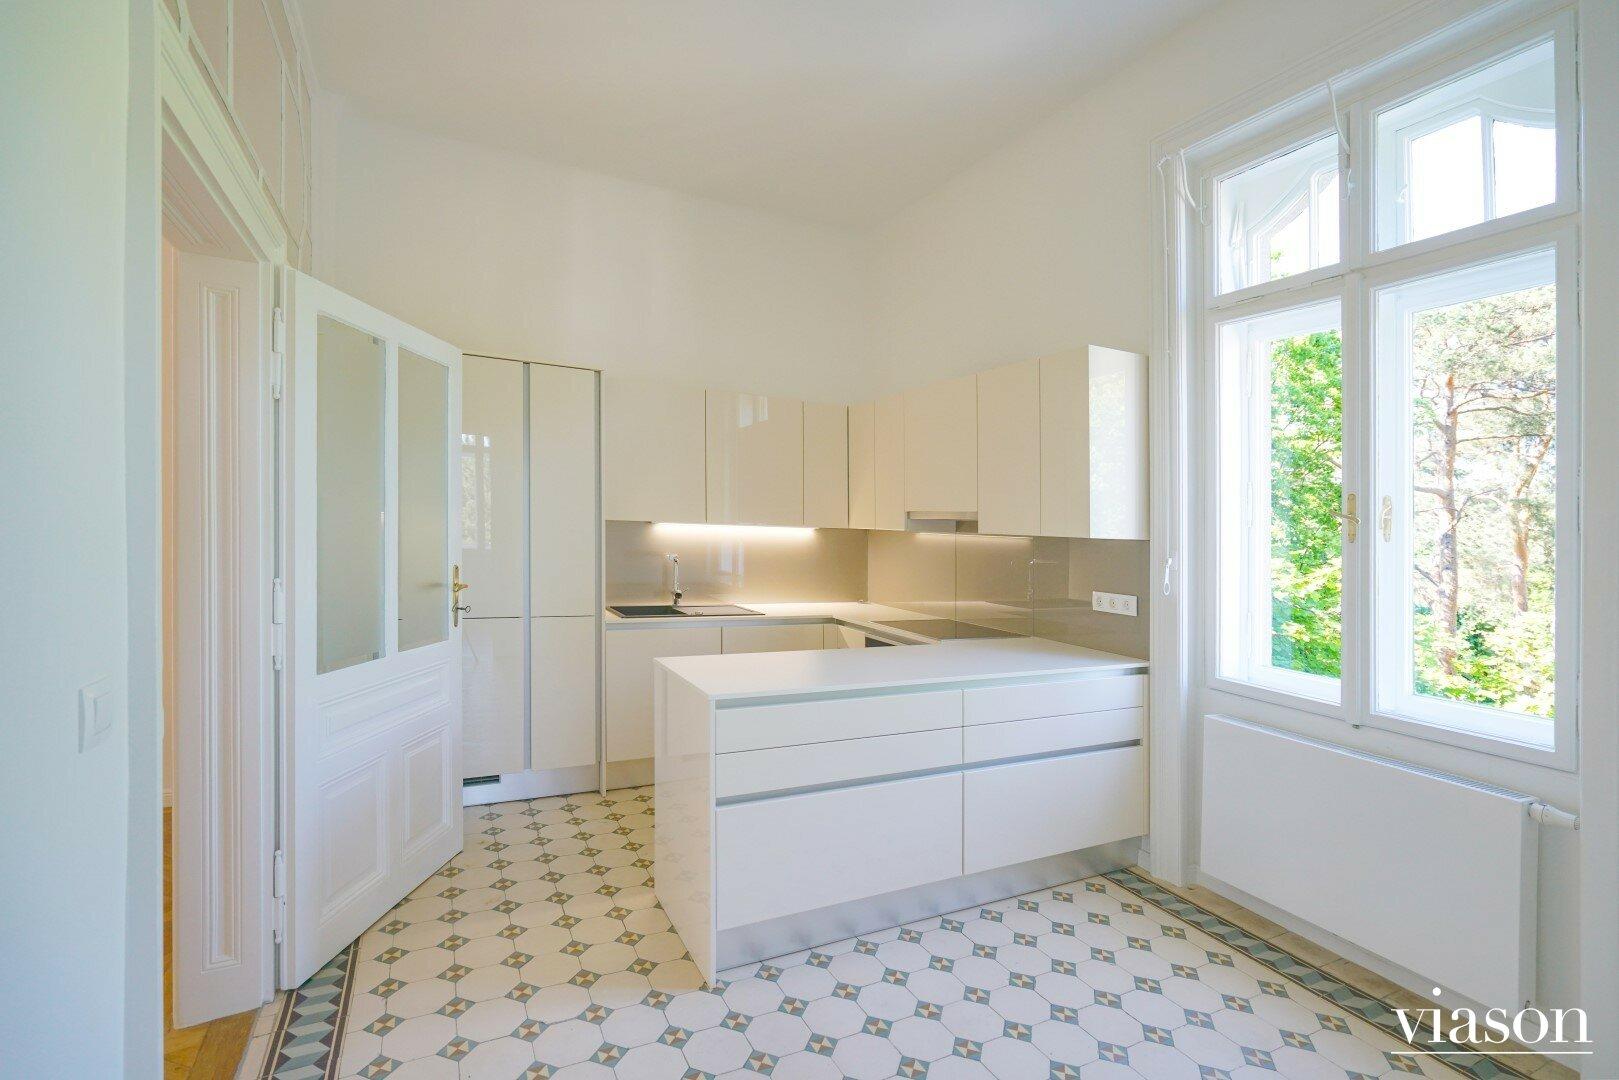 Küche einer Altbauwohnung